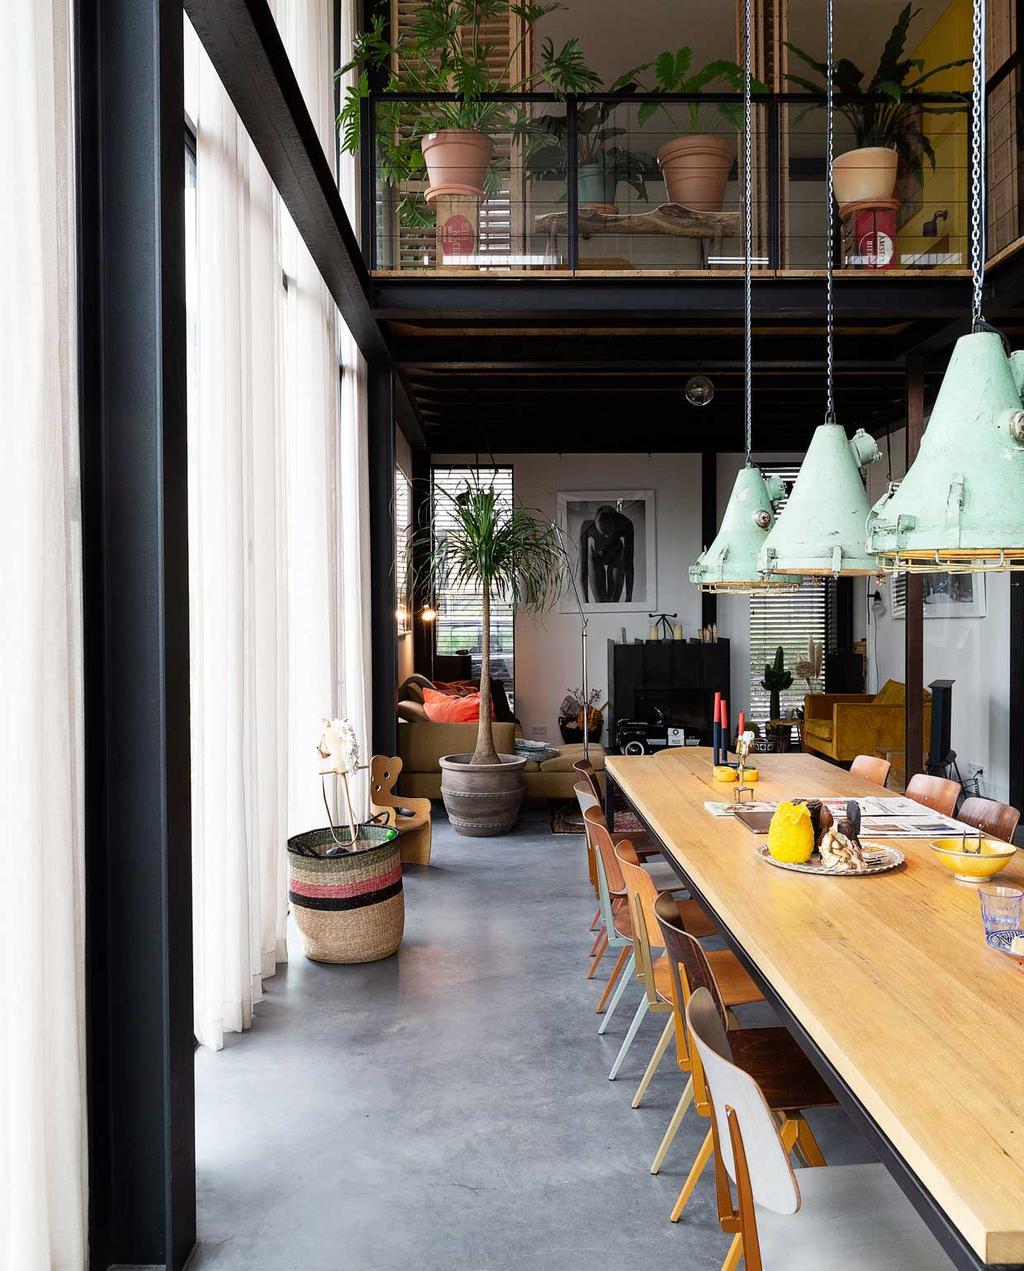 vtwonen 2020-03 | Binnenkijken | lange eettafel met bovenverdieping